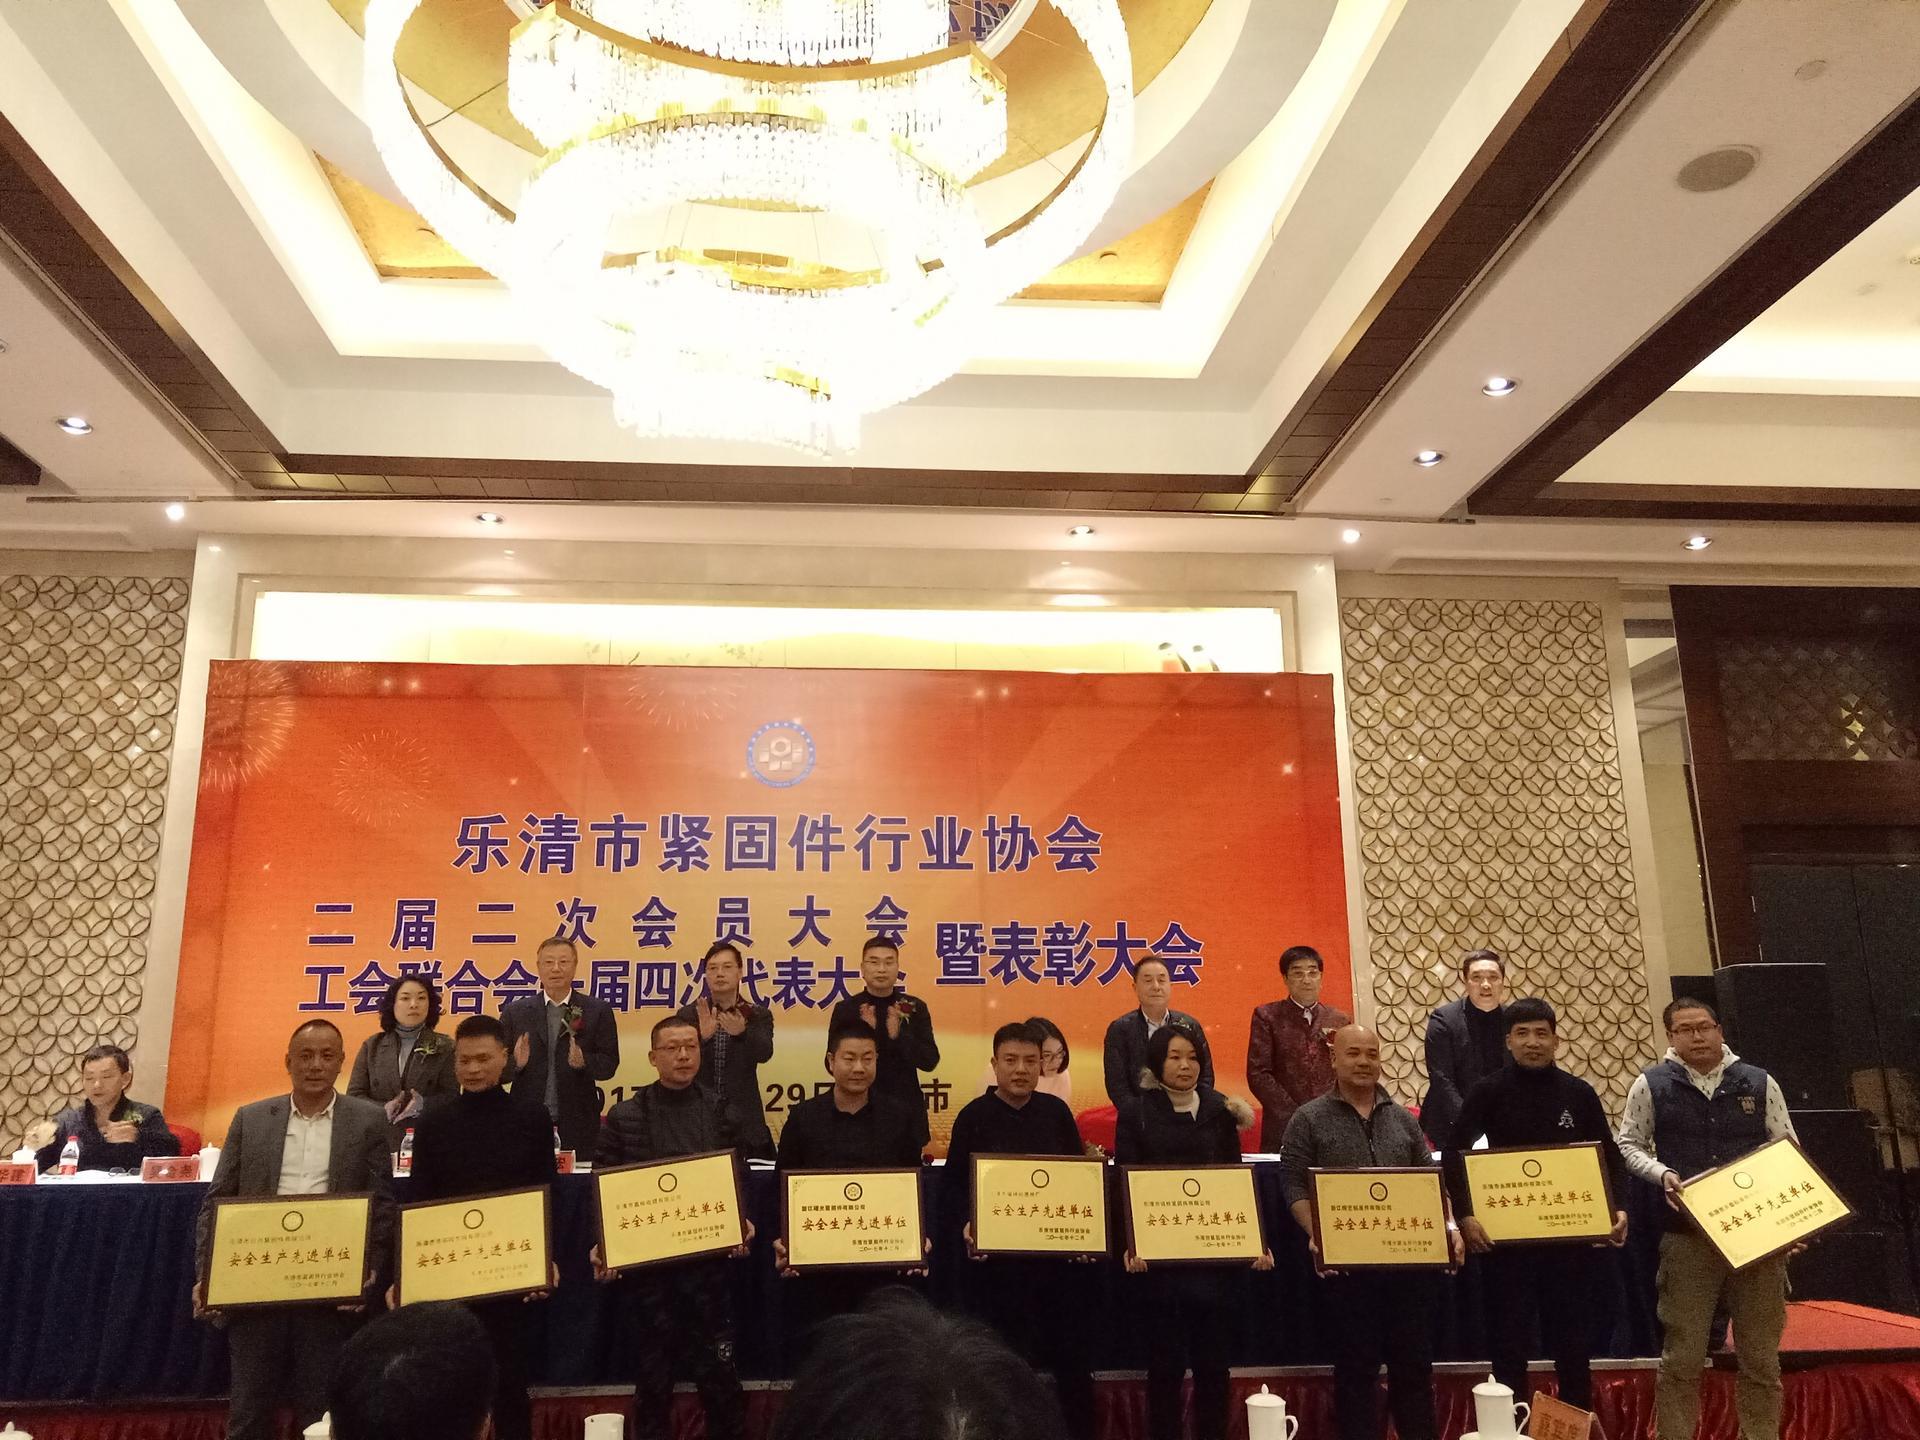 乐清市紧固件行业协会二届二次会员大会暨工会联合会一届四次代表大会顺利召开